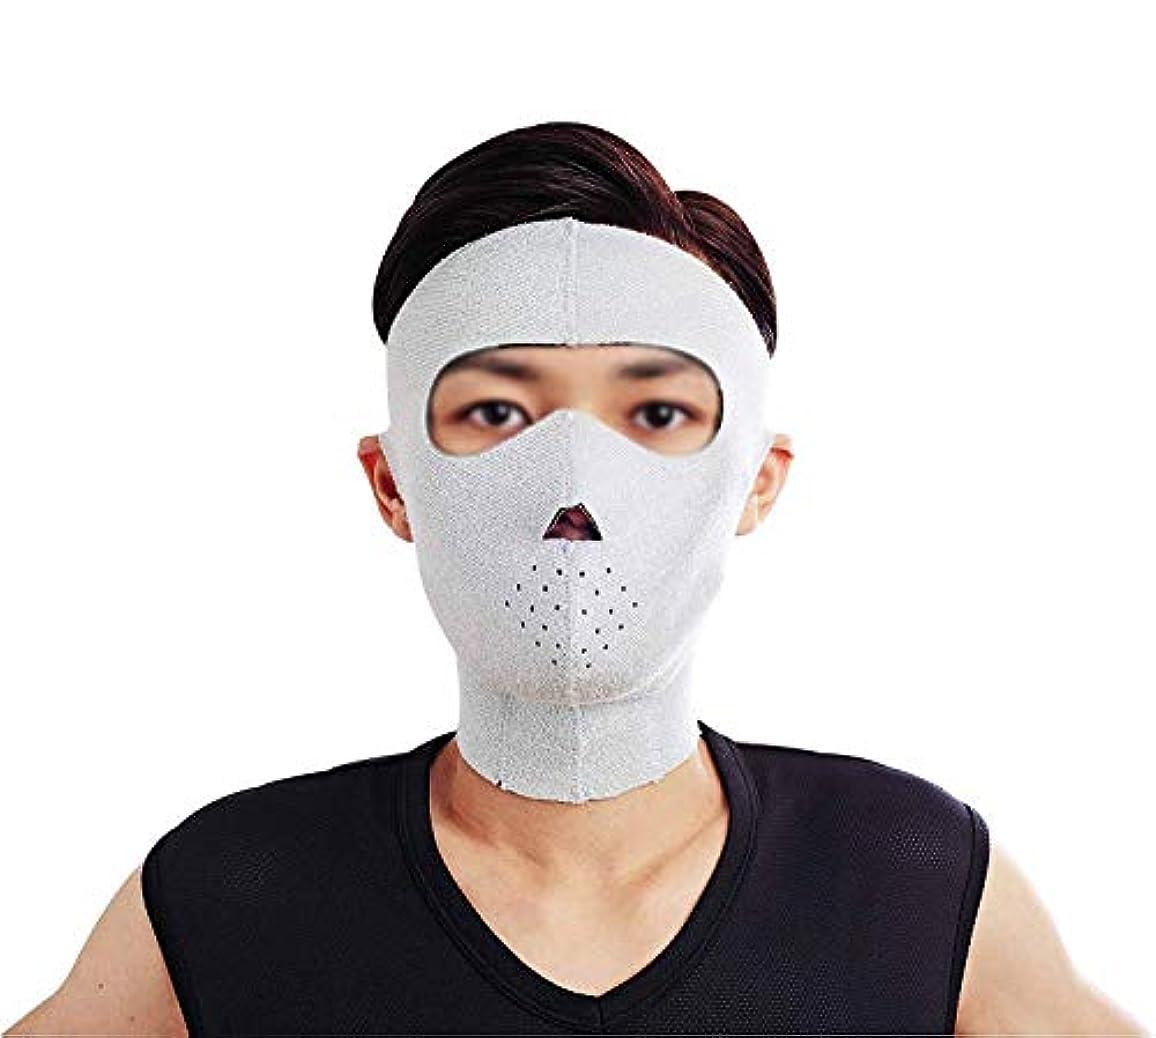 完全にバンガロー家主フェイスリフトマスク、フェイシャルマスクプラス薄いフェイスマスクタイトなたるみの薄いフェイスマスクフェイシャル薄いフェイスマスクアーティファクトビューティー男性ネックストラップ付き